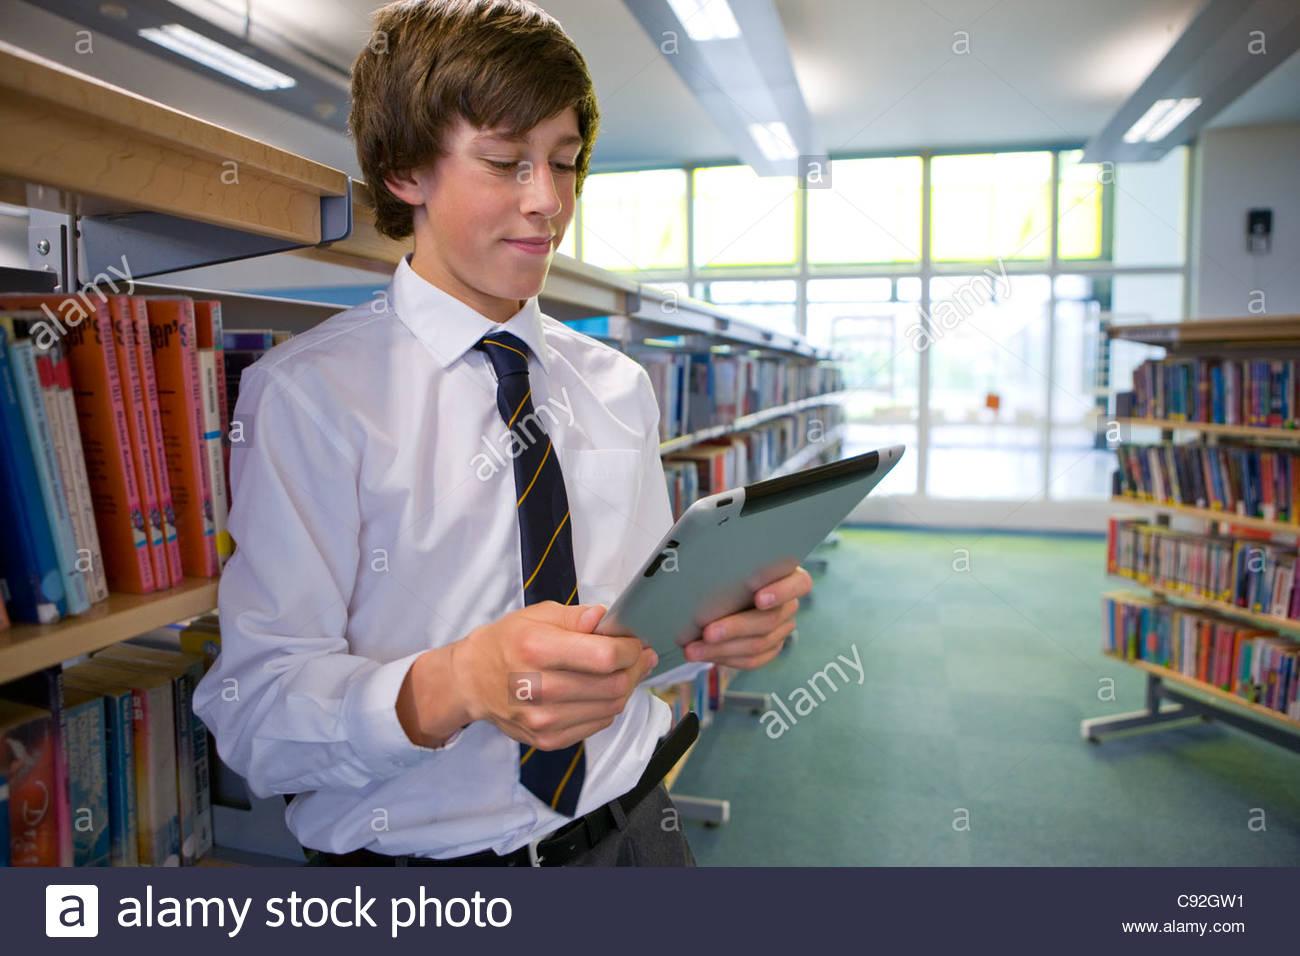 Male student lecture livre électronique sur tablette numérique dans la bibliothèque de l'école Photo Stock